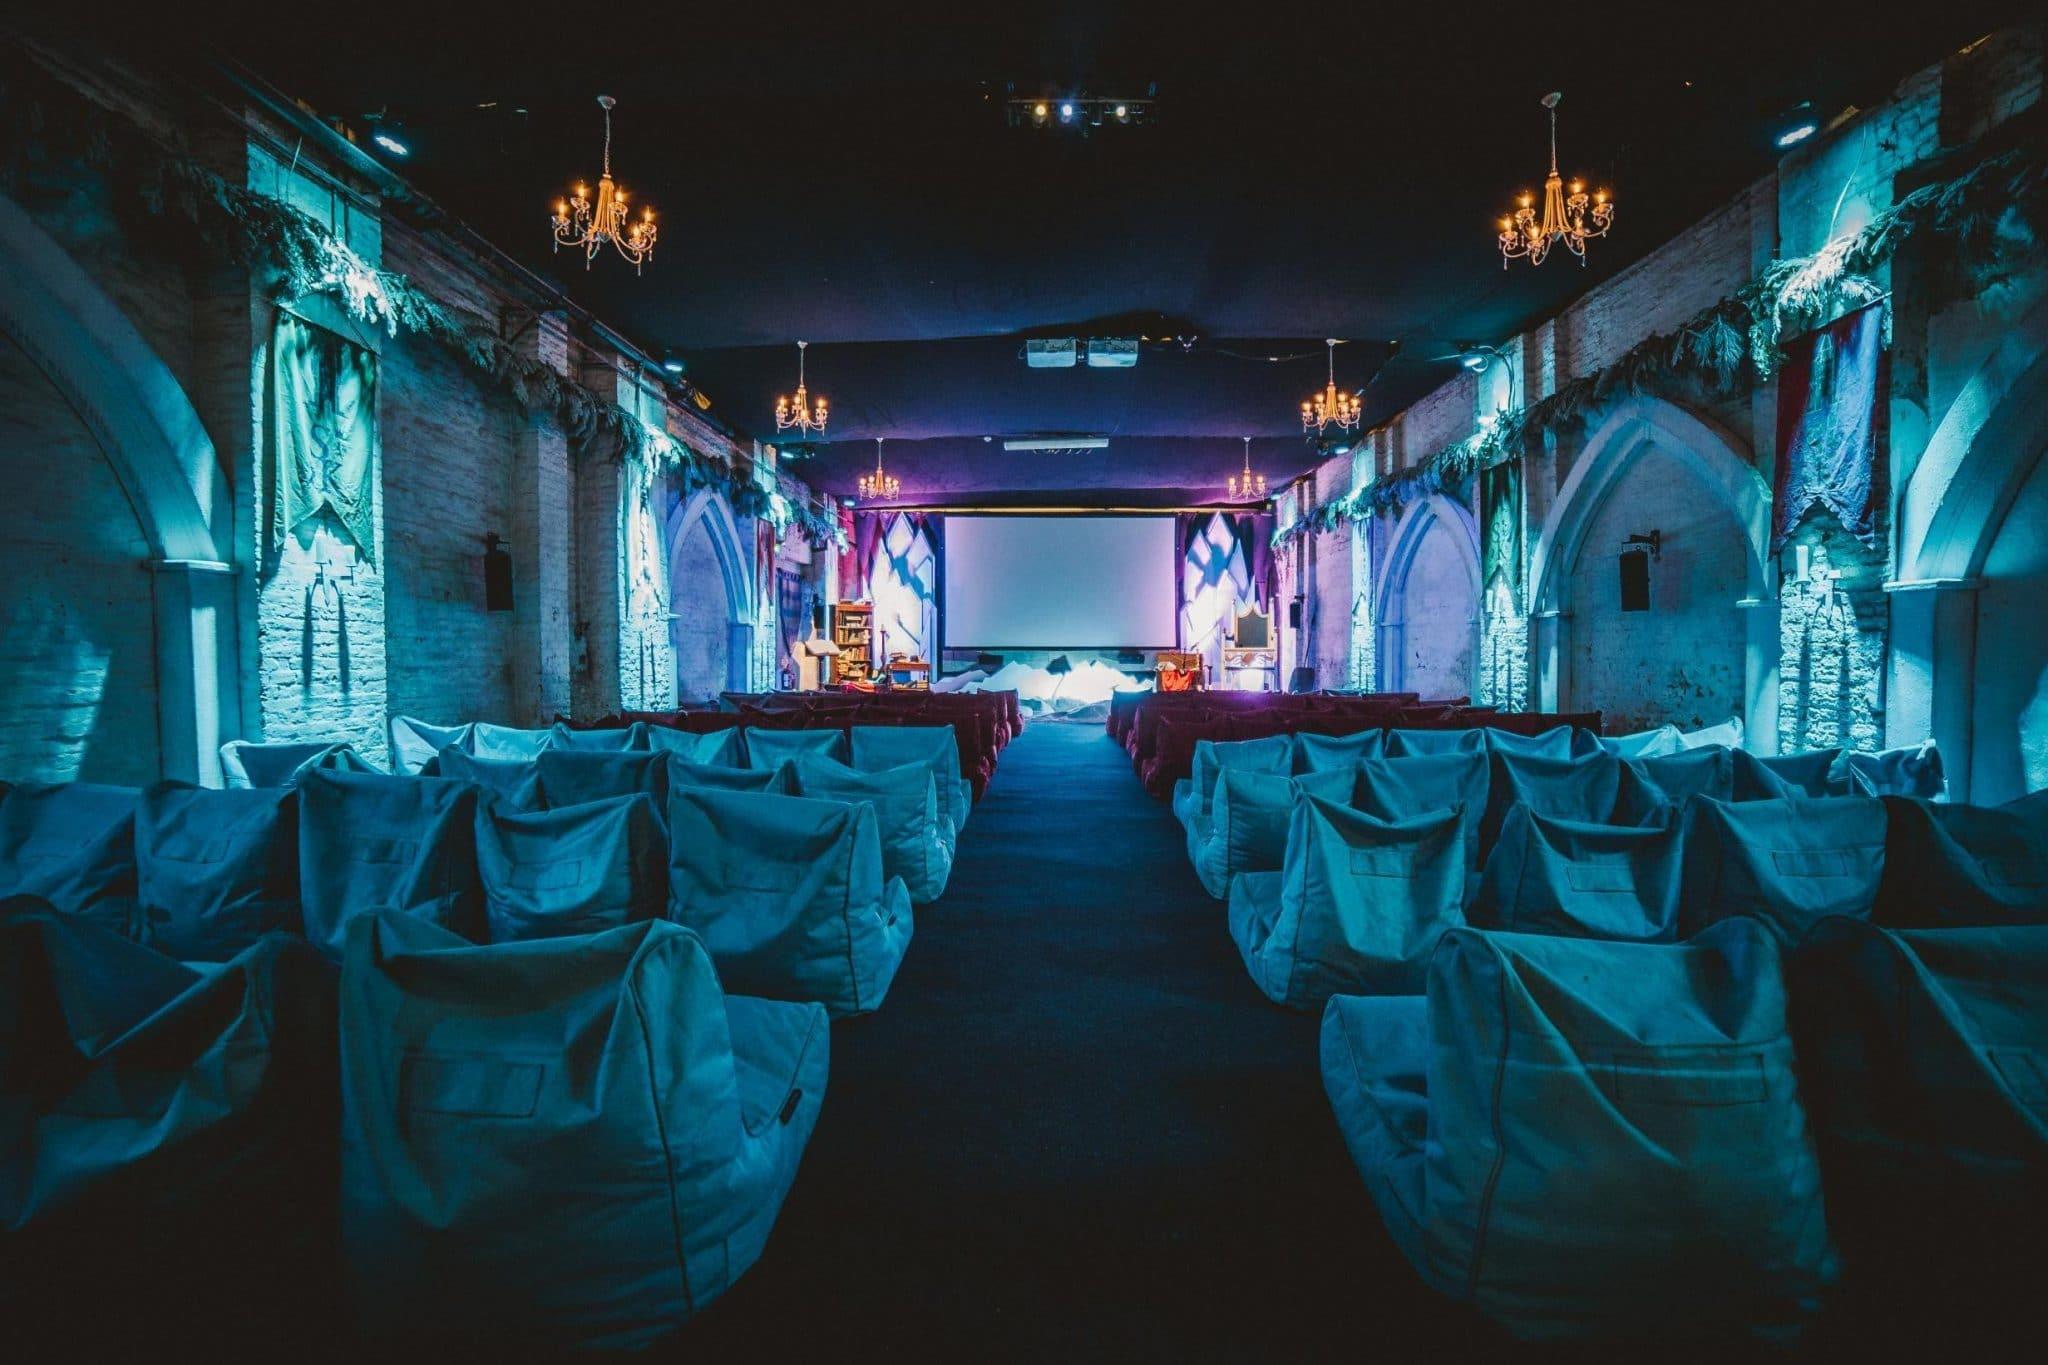 snow-kingdom-backyard-cinema